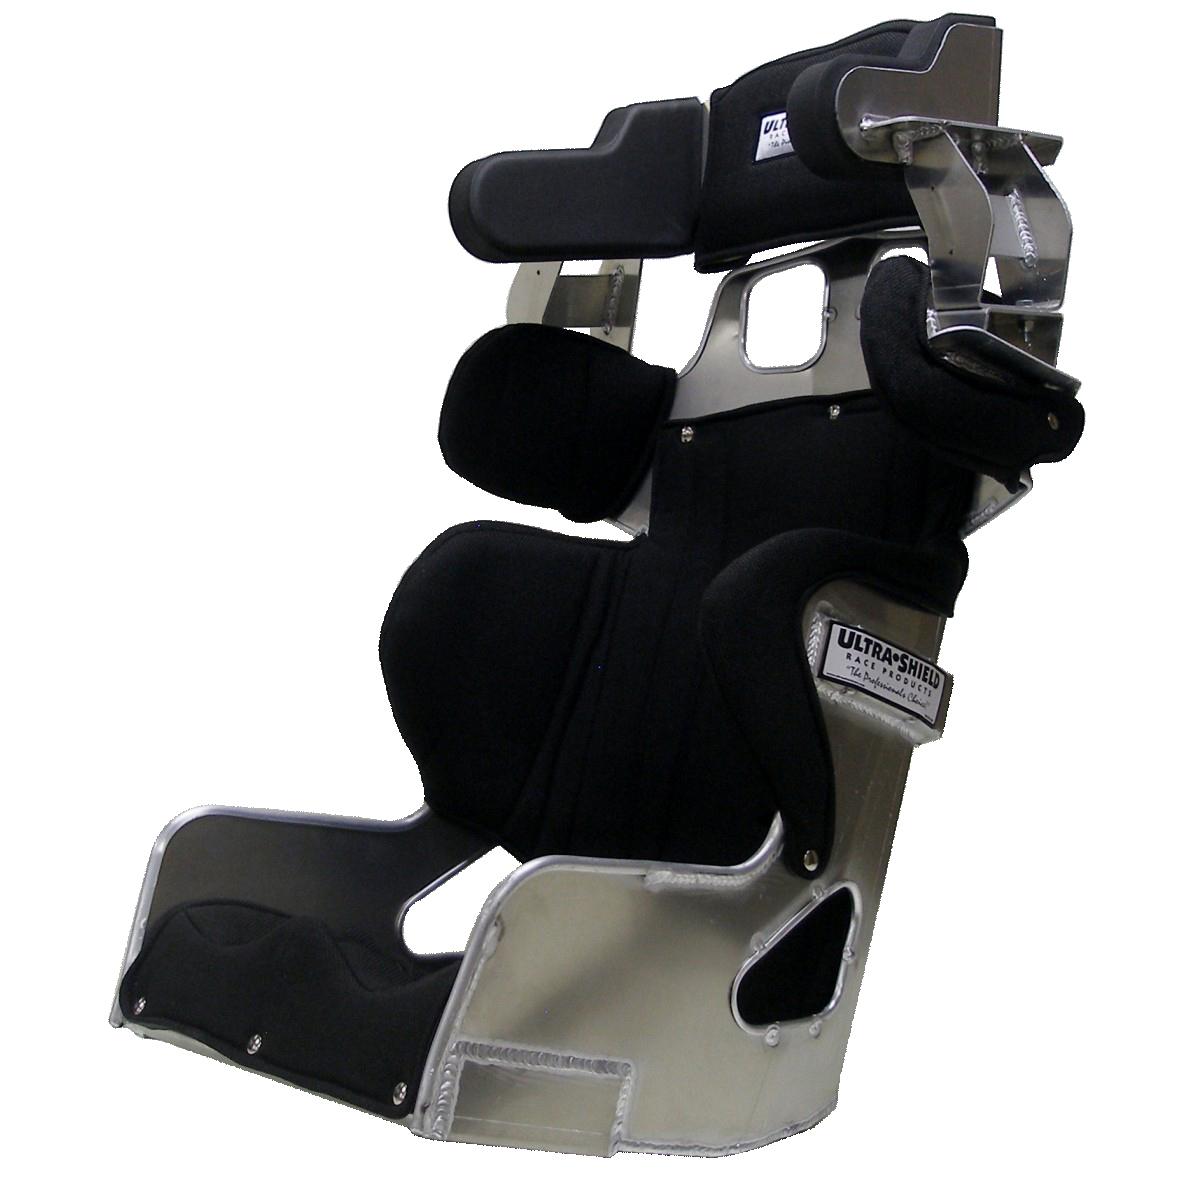 18in VS Halo Seat W/CVR 10 Degree 2019